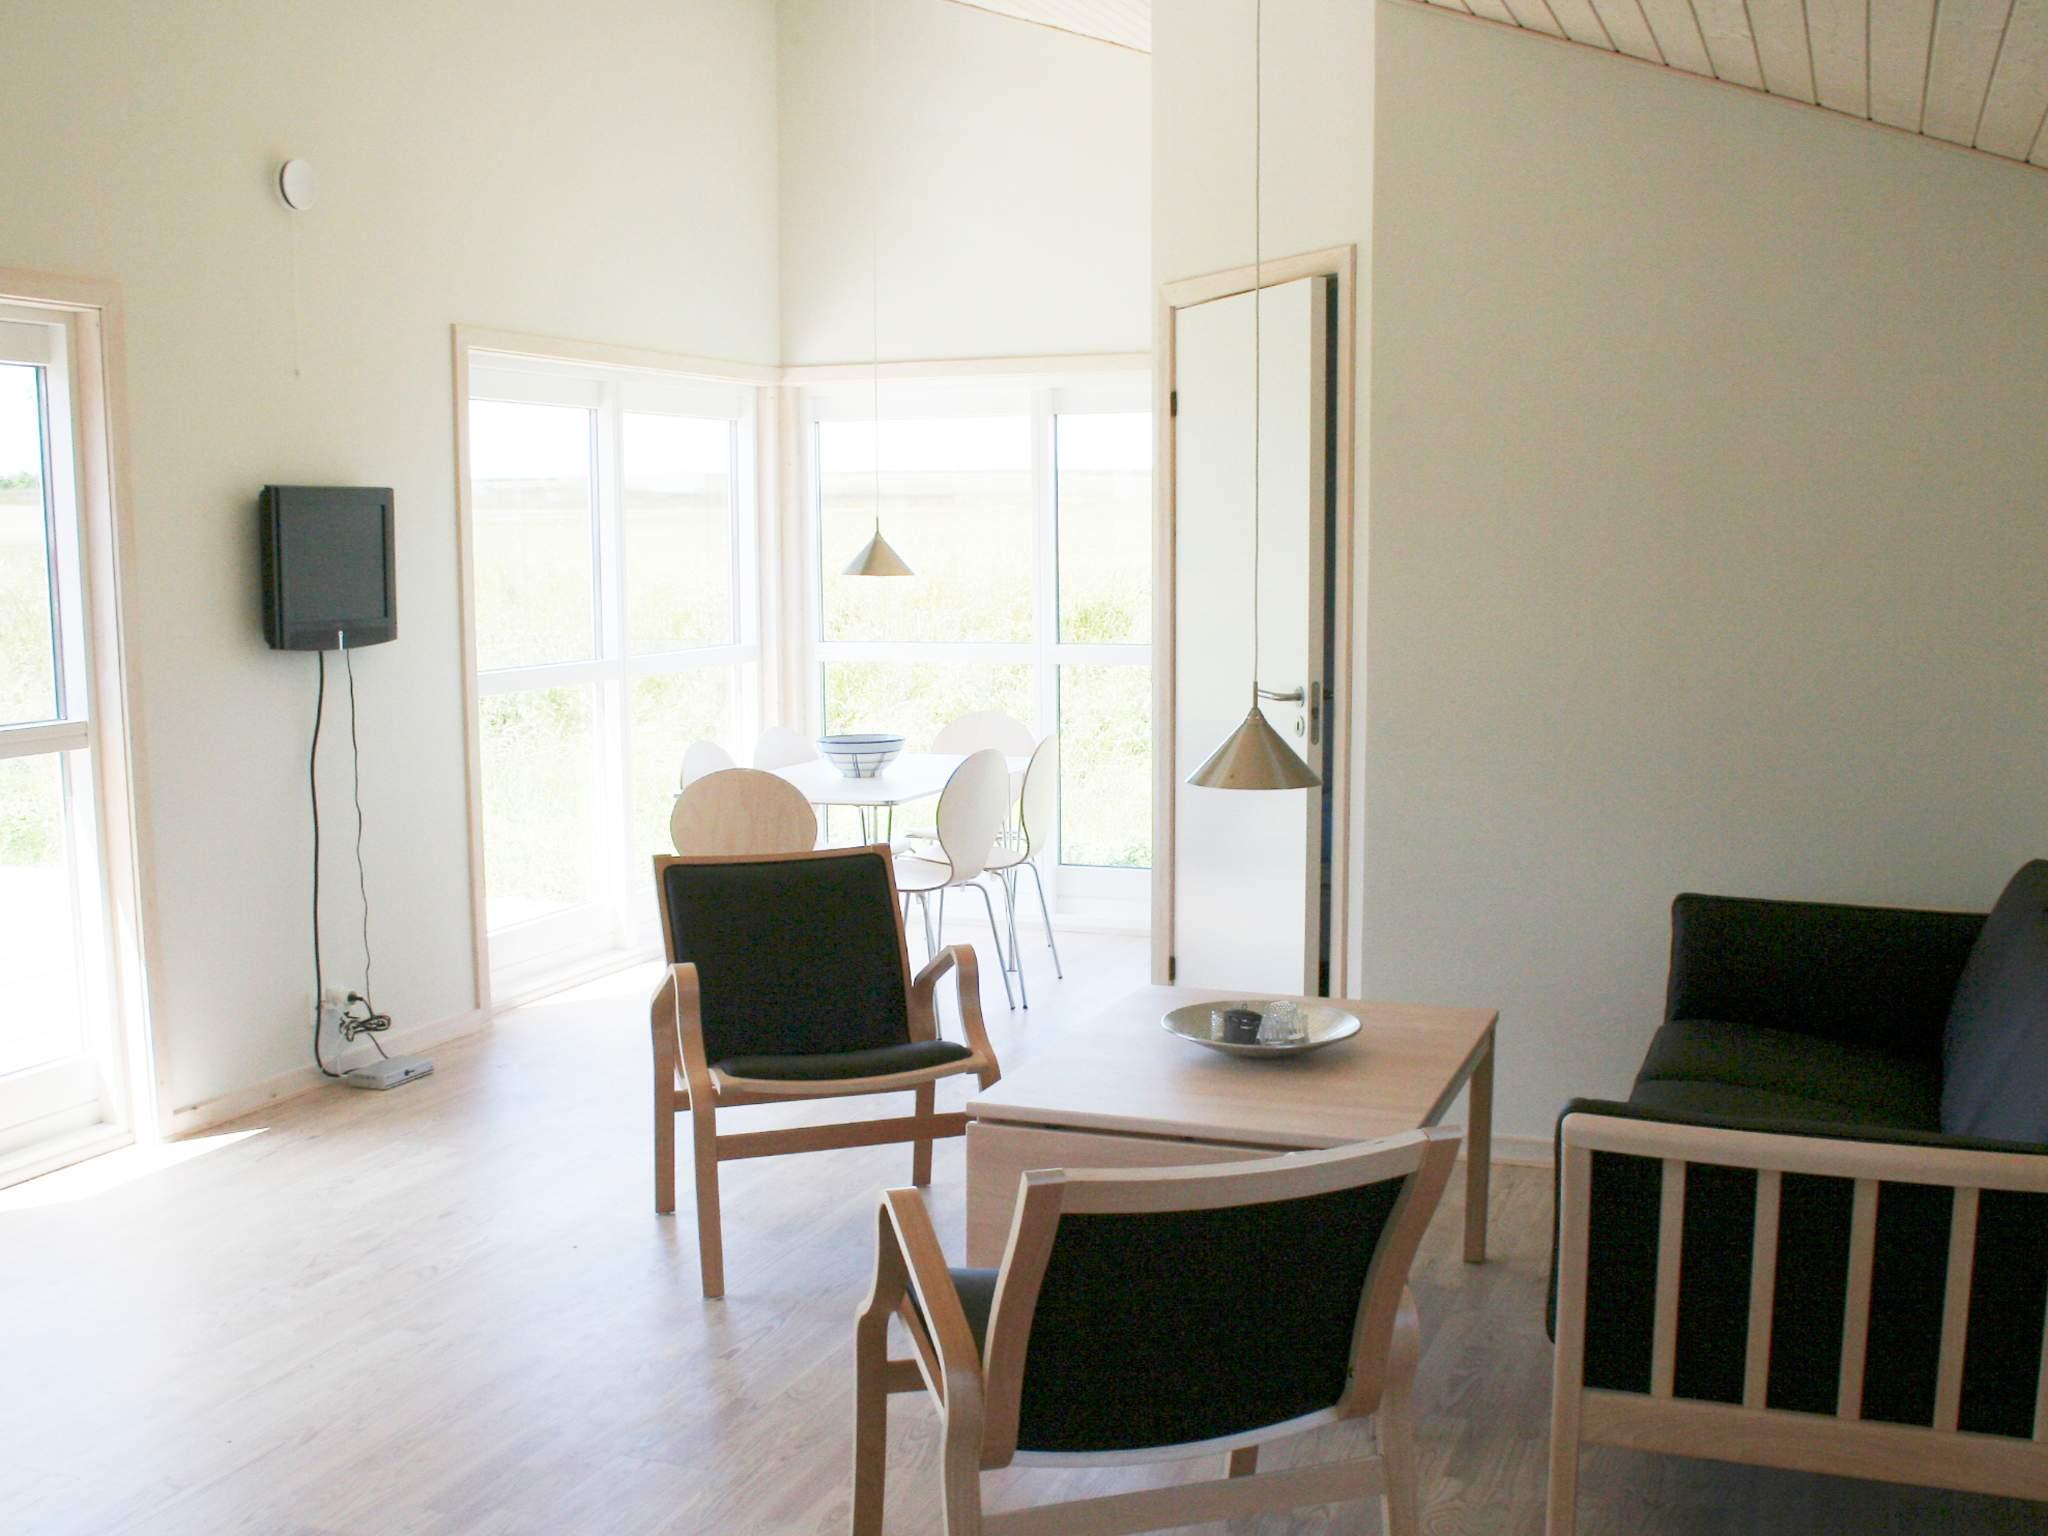 Ferienhaus Rø/Gudhjem (251661), Gudhjem, , Bornholm, Dänemark, Bild 4